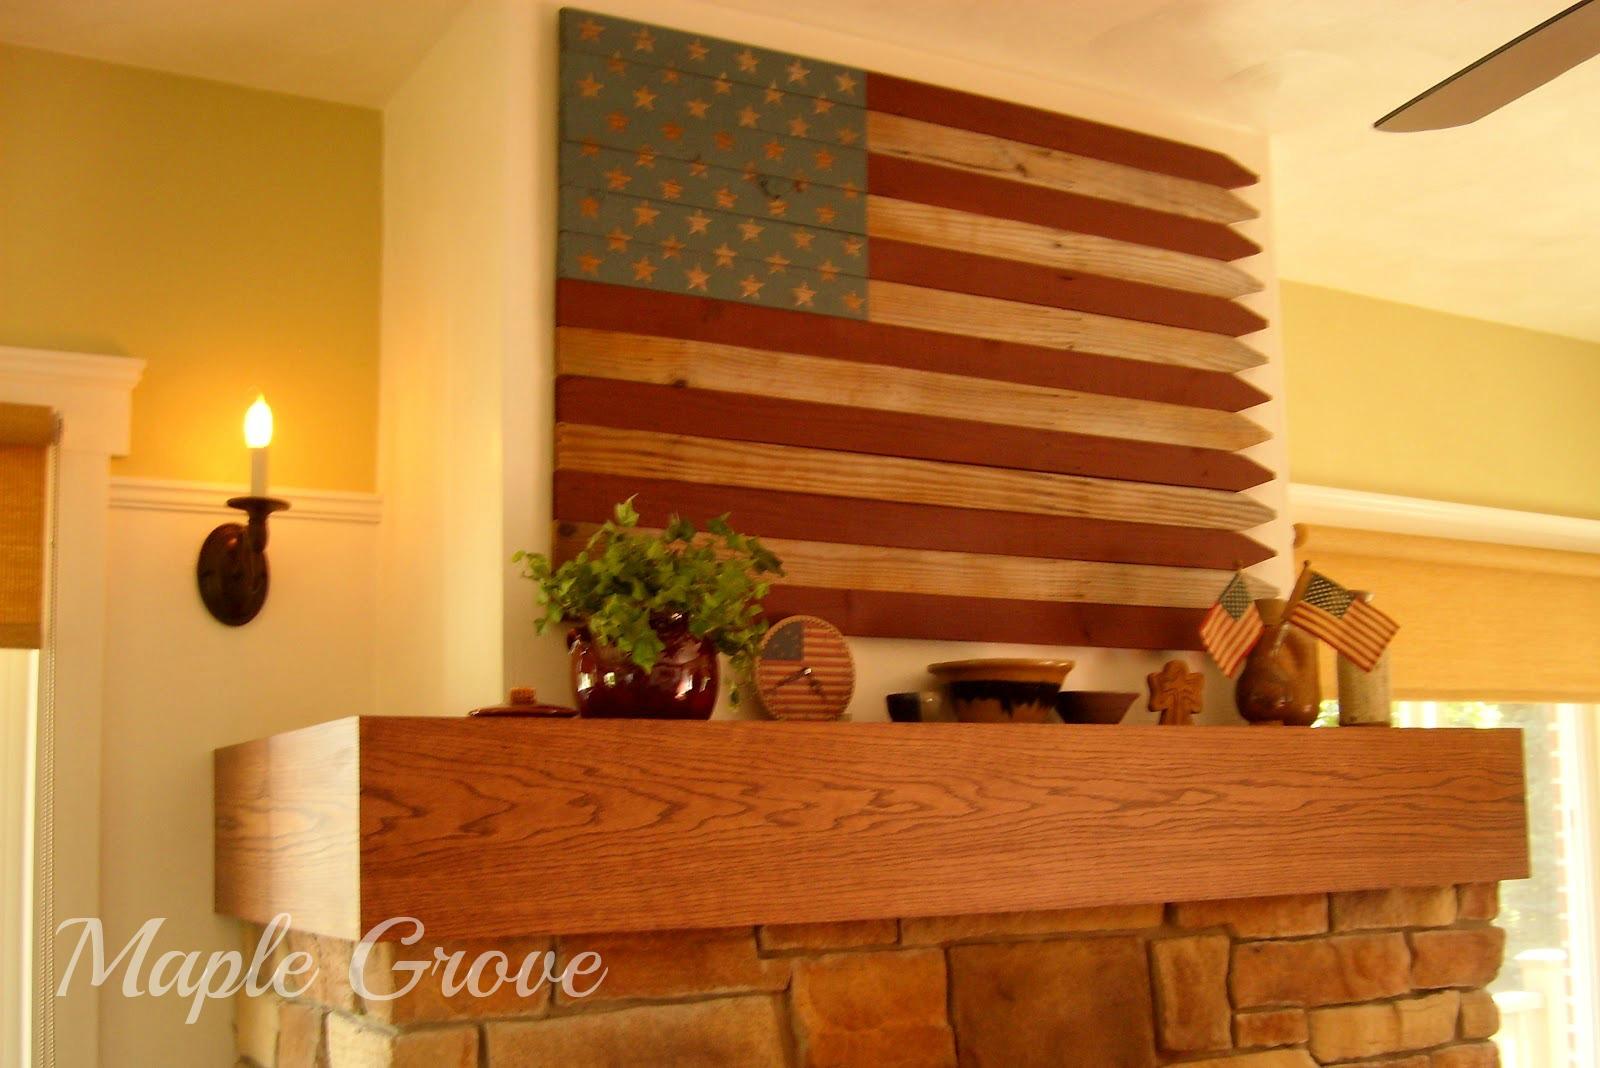 http://2.bp.blogspot.com/-p1CV3DuYmsA/UBn1e0RnbGI/AAAAAAAAA0M/a1BexvQHnKc/s1600/picket_flag.JPG